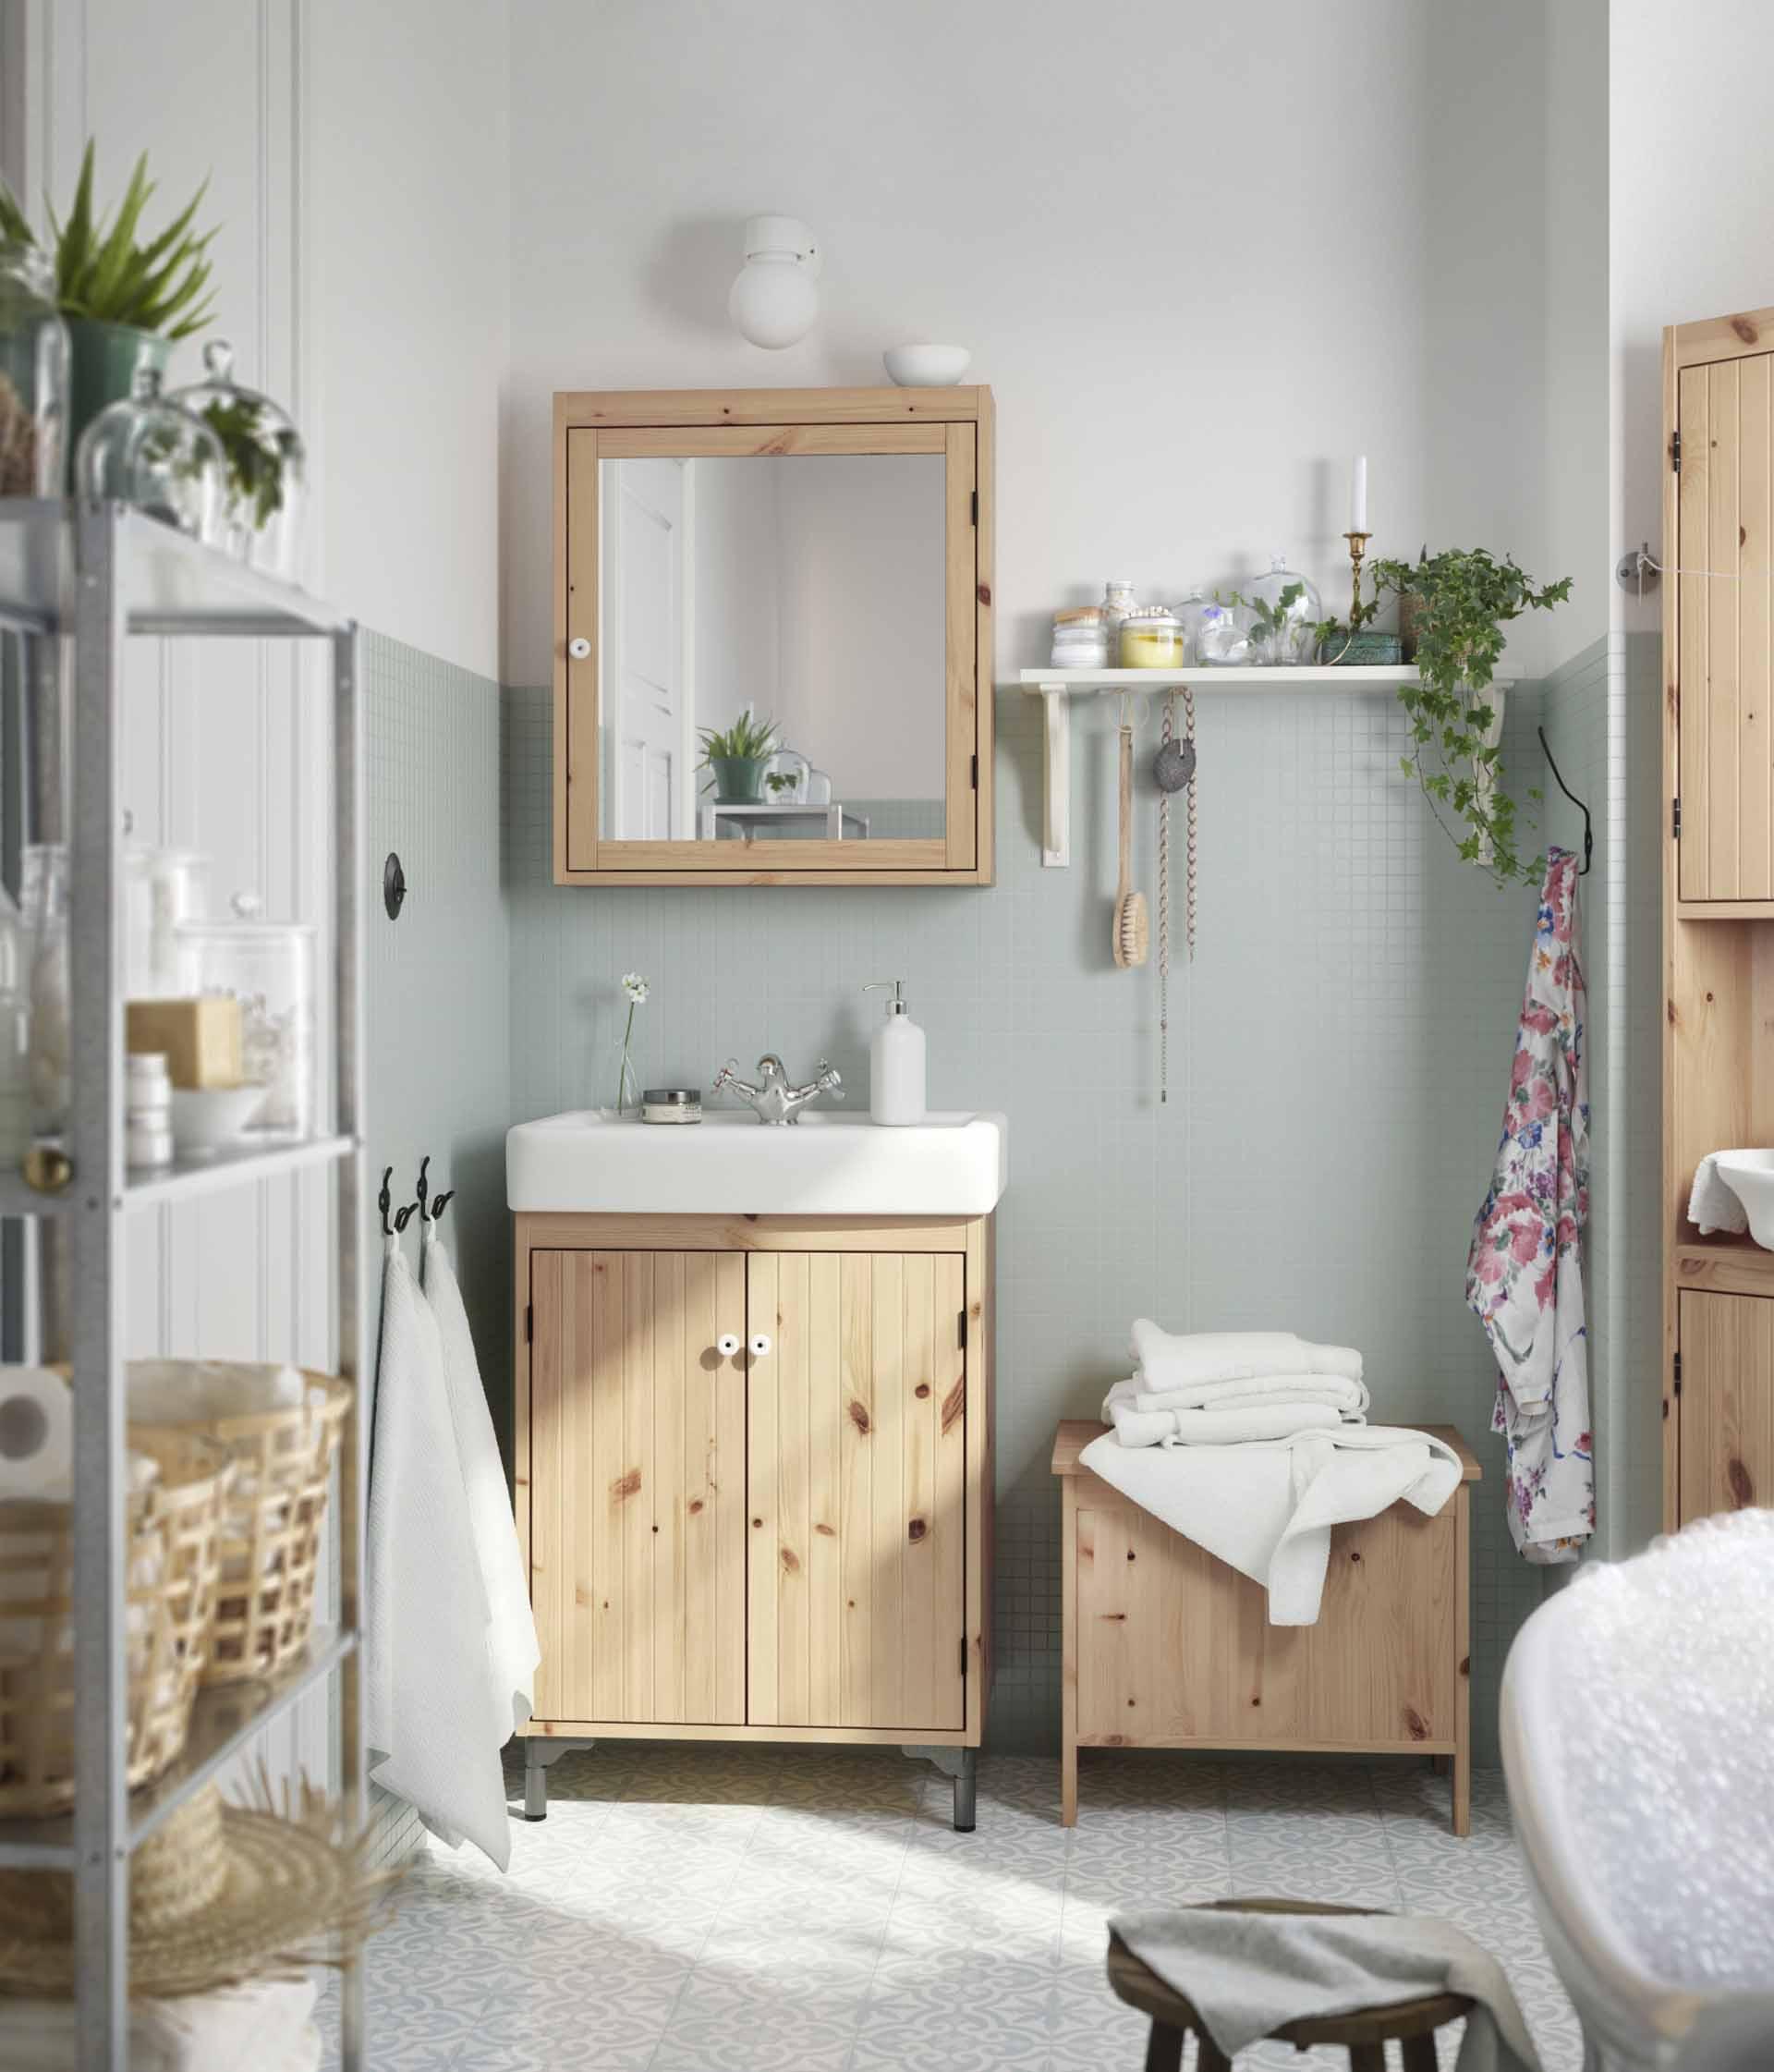 Comment Choisir Son Meuble Vasque De Salle De Bains à Meuble De Salle De Bain Ikea